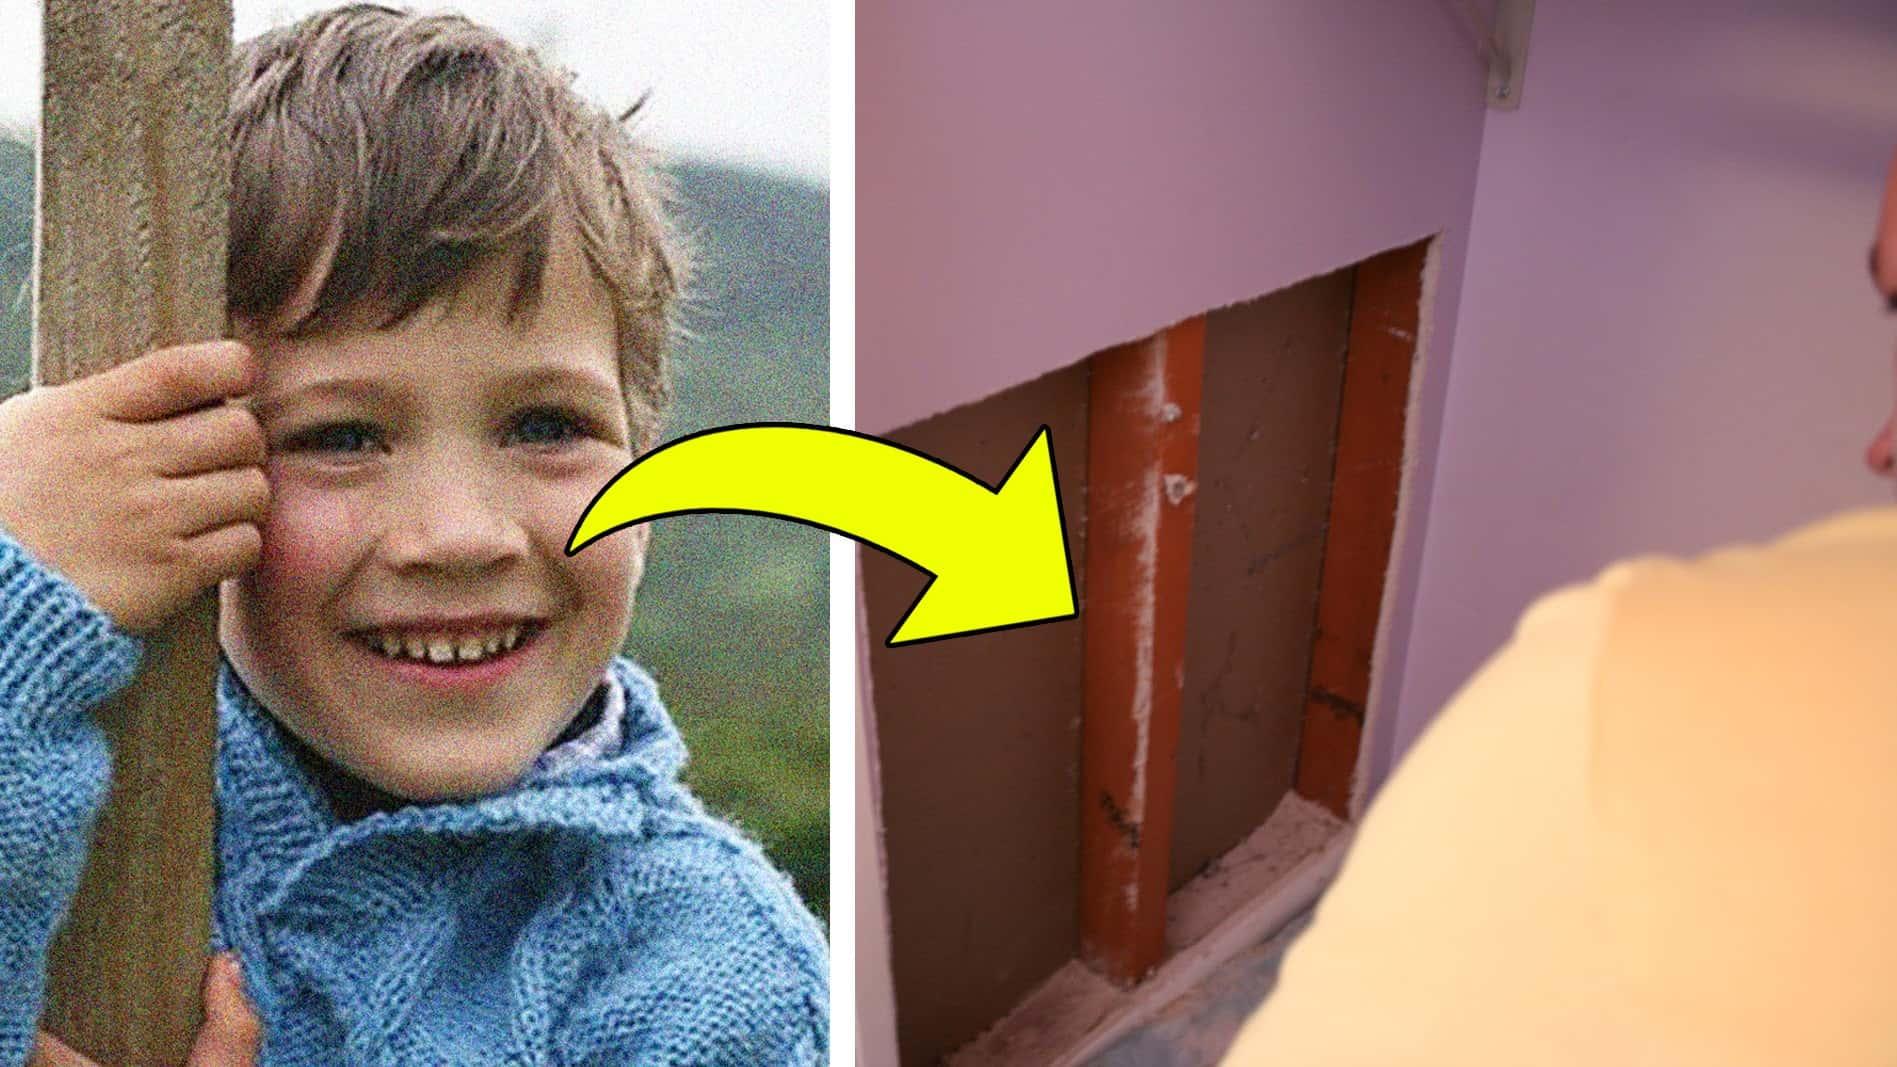 Filho de dez anos estava desaparecido há dois anos — mas quando seu pai olhou atrás do guarda-roupa...